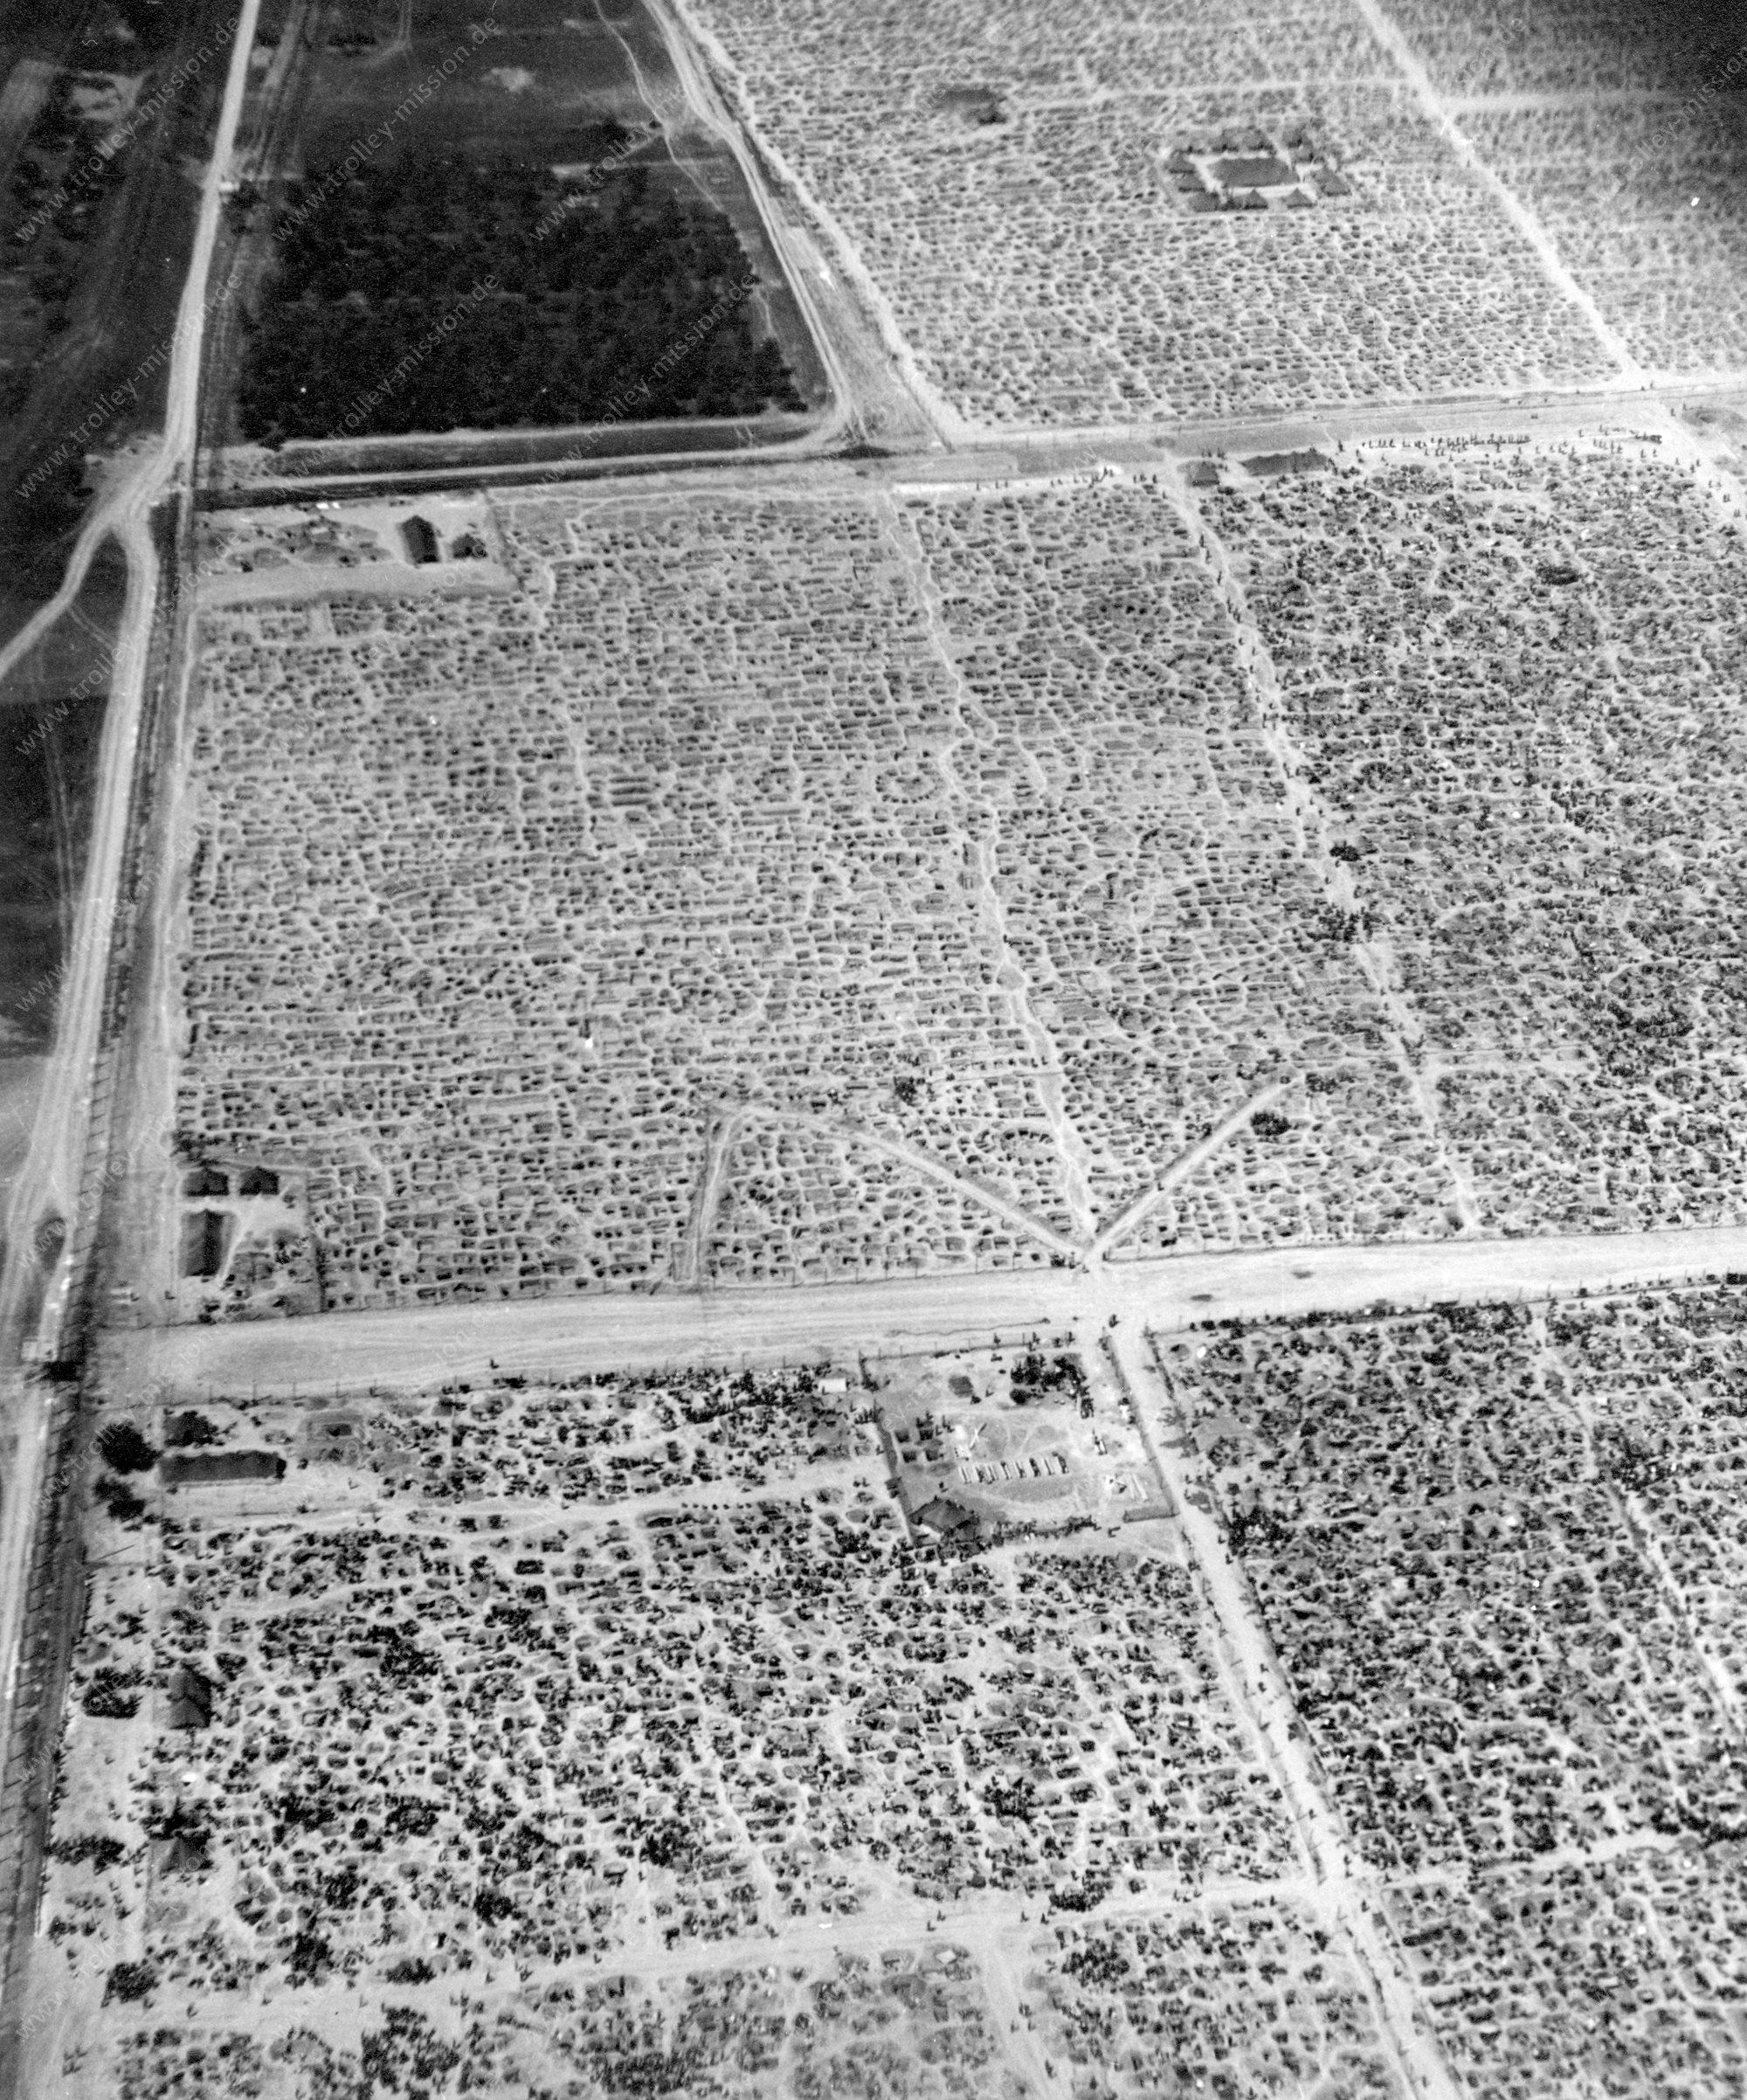 Luftbild Kriegsgefangenenlager auf den Rheinwiesen bei Remagen